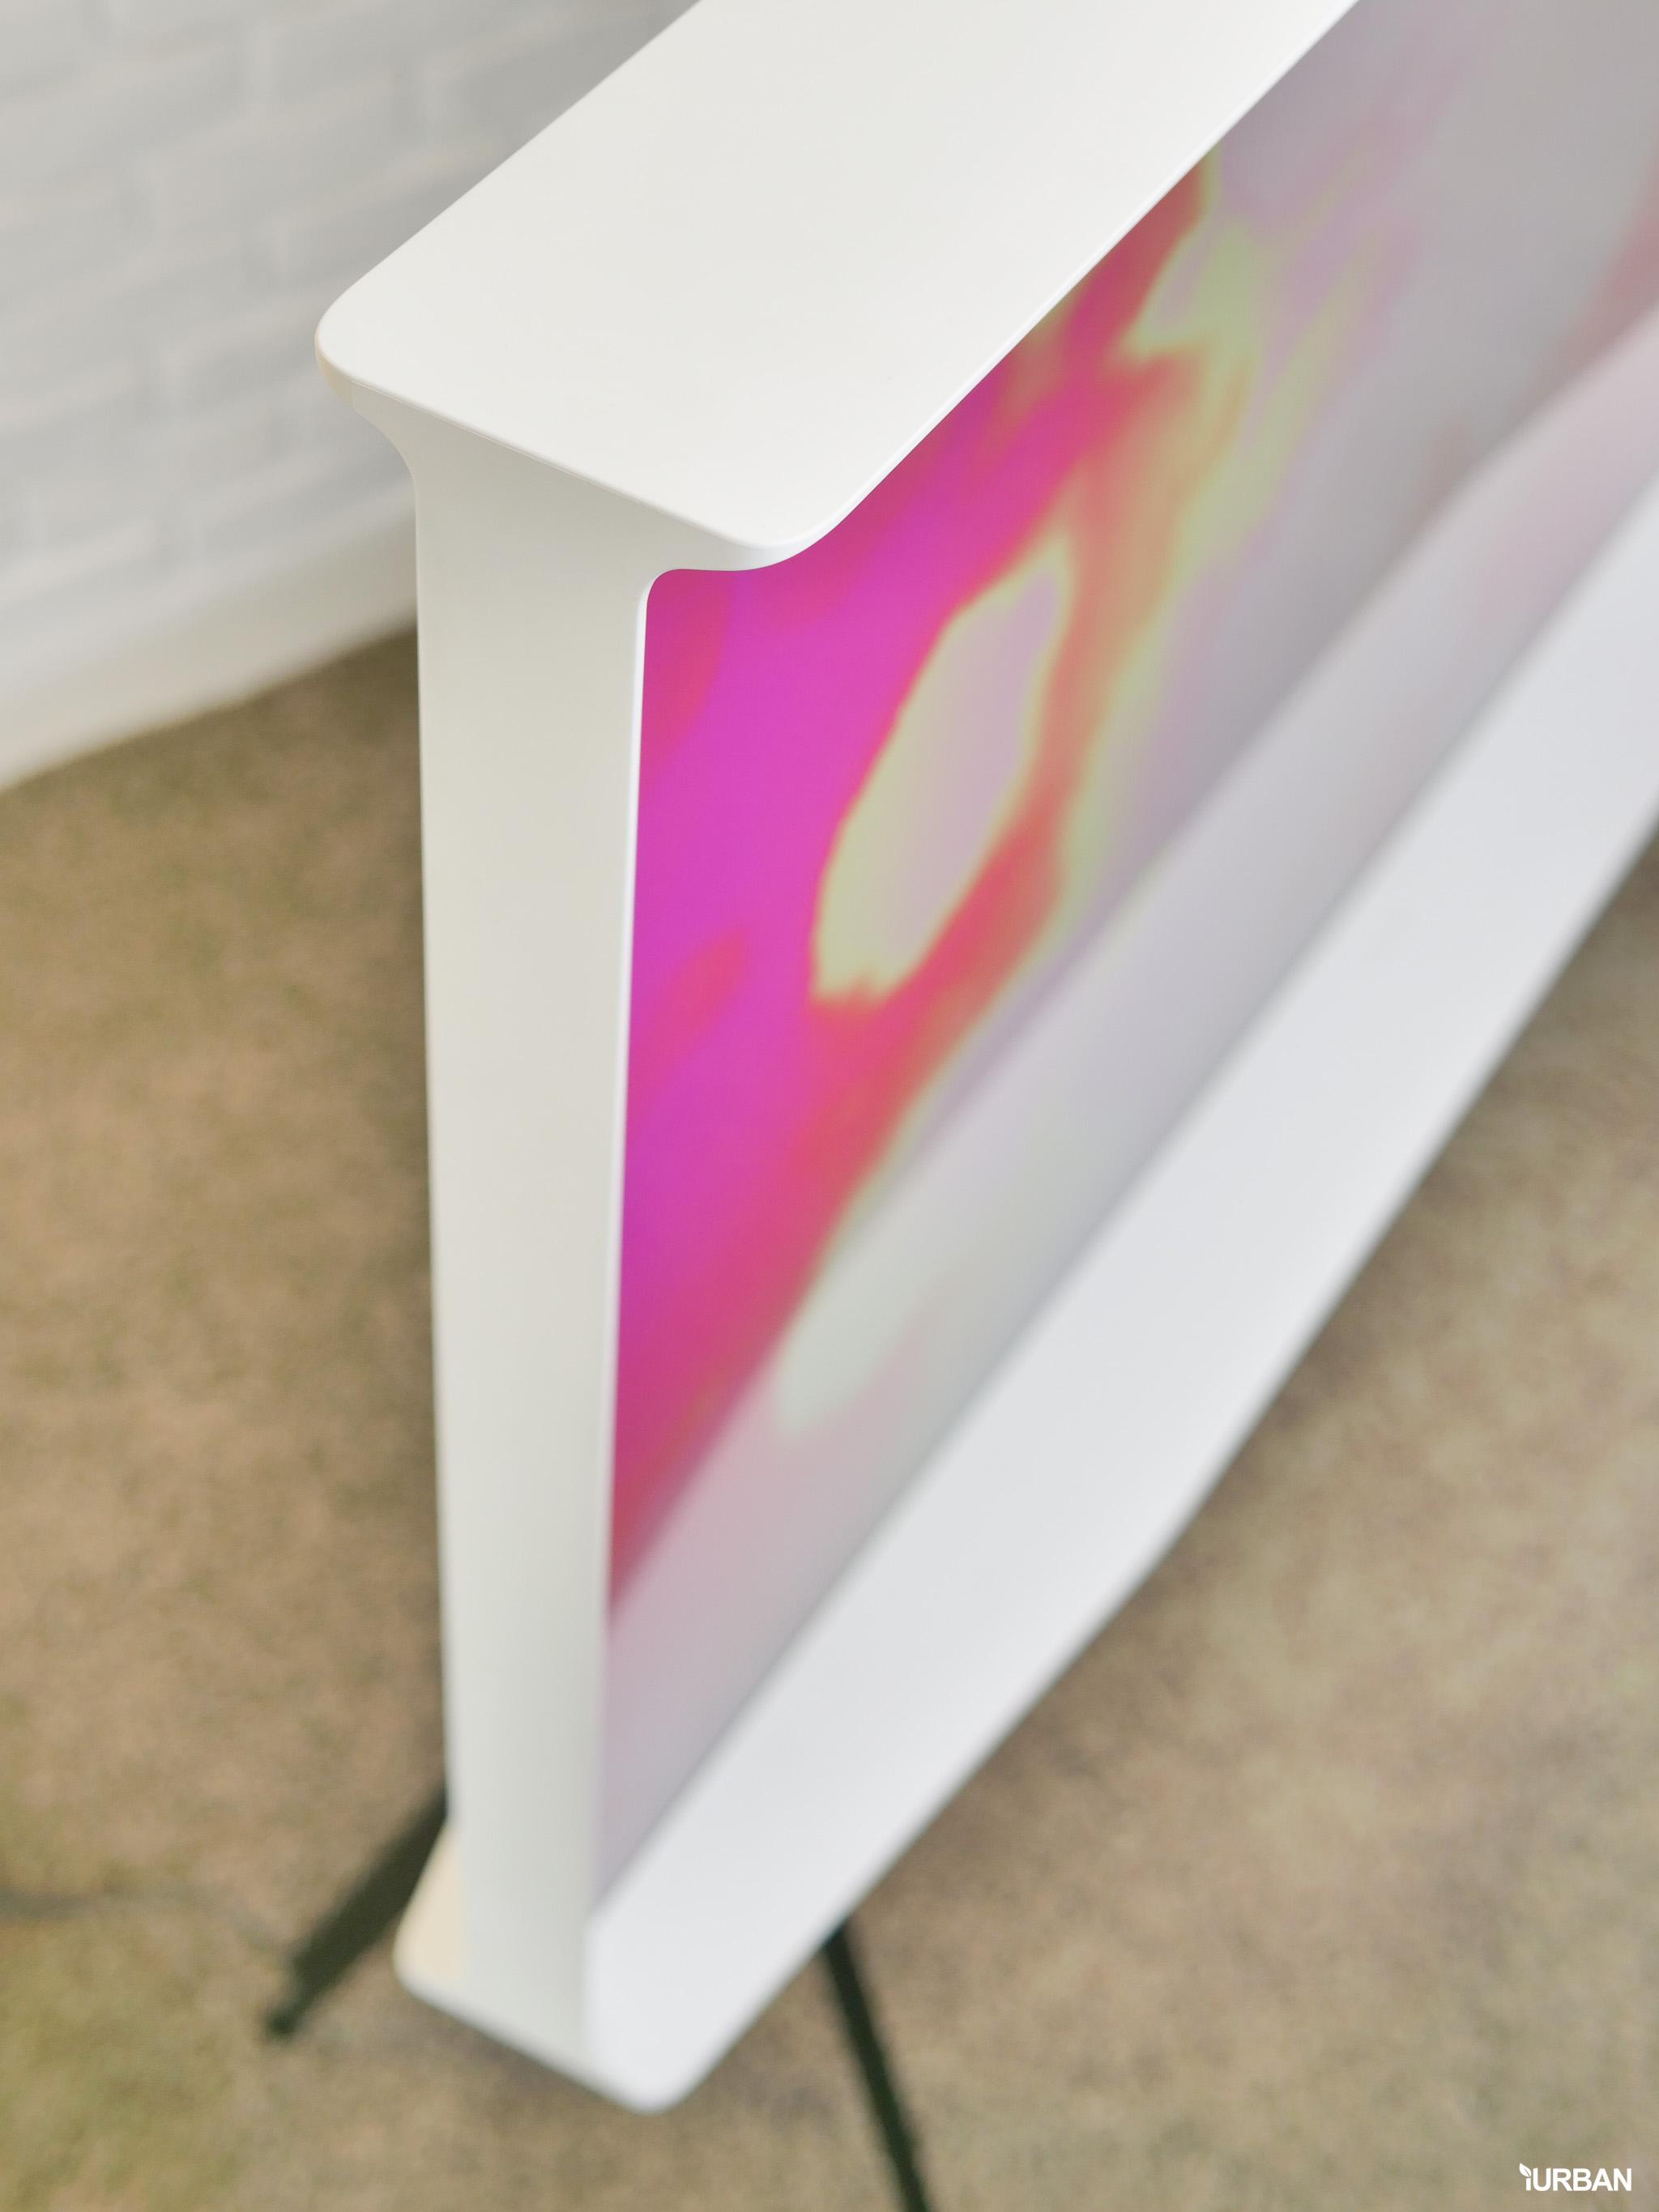 รีวิว 3 ทีวีที่สวยที่สุดเจนเนอเรชั่นนี้ The Frame The Serif และ The Sero 68 - decor